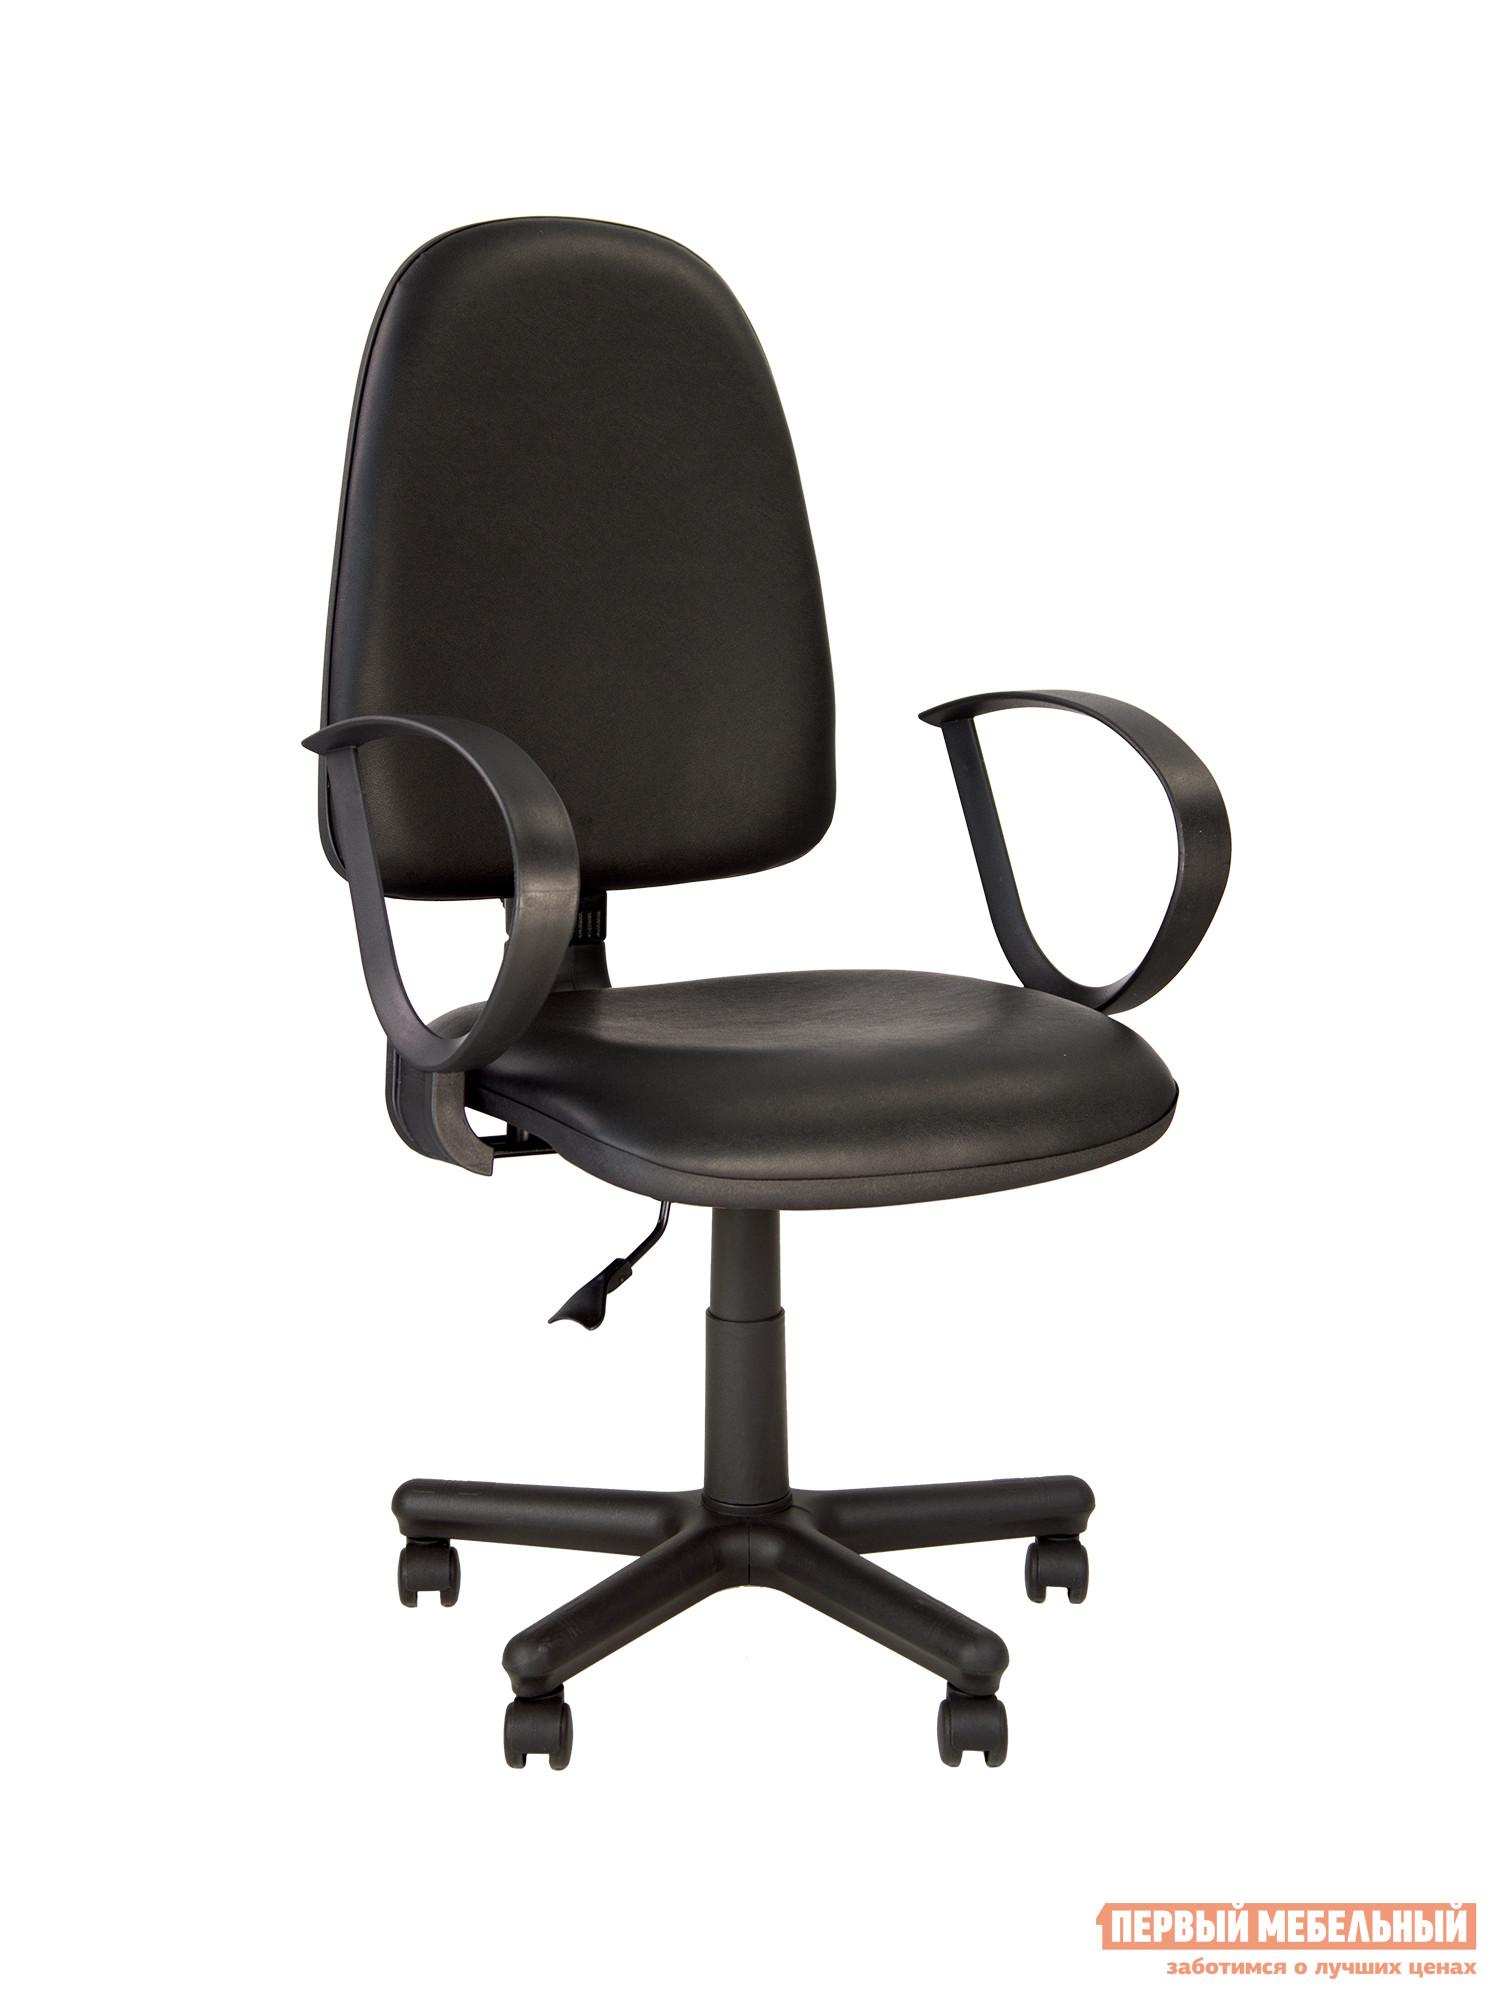 Офисное кресло NOWYSTYL JUPITER GTP CPT PM60 цена